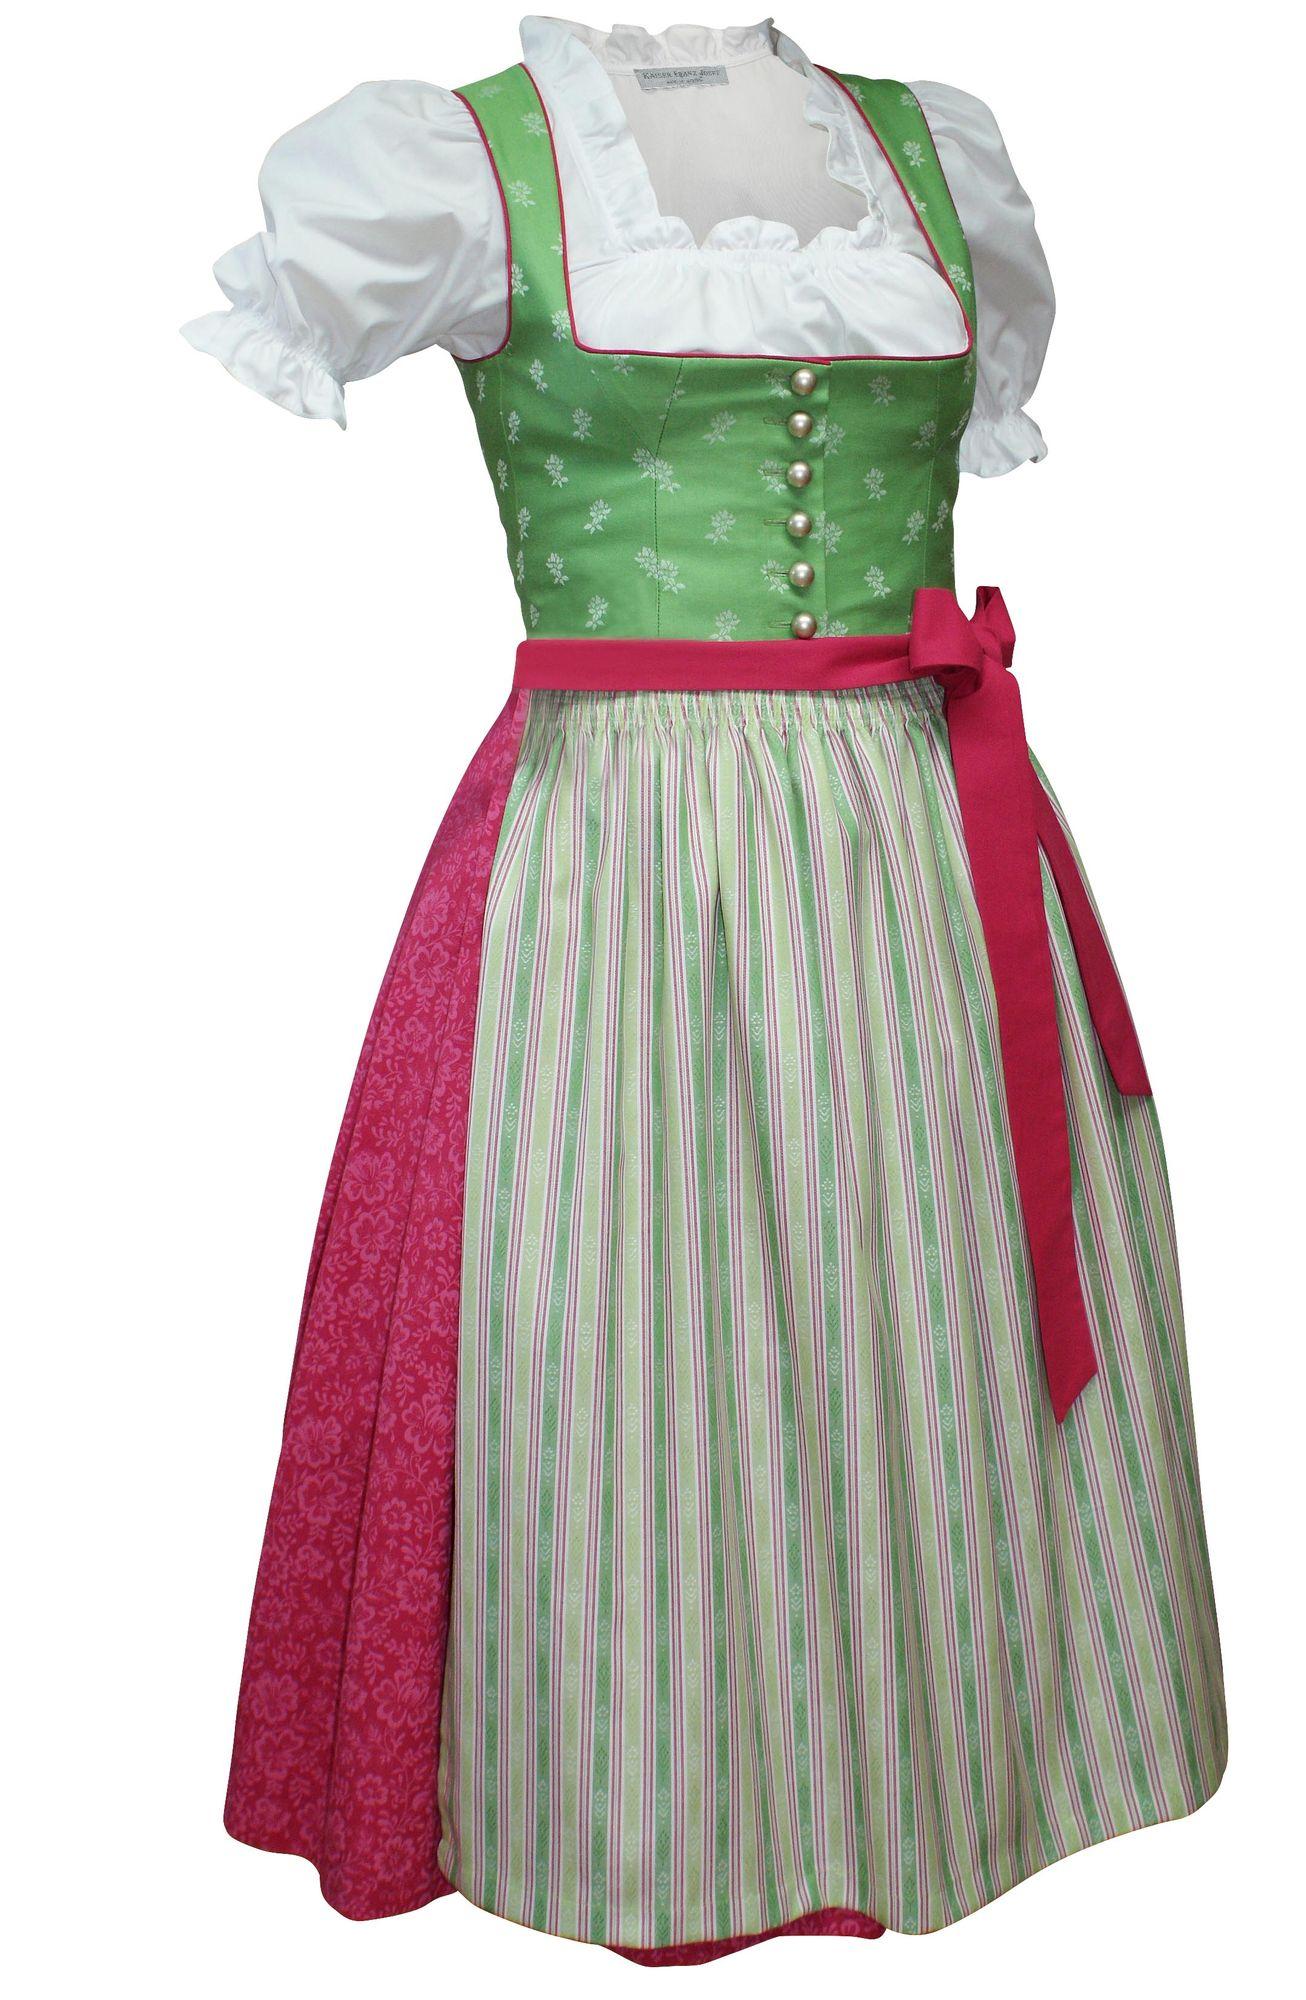 1628b651241f9b Baumwoll-Dirndl Trachten-Kleid Trachtenkleid Dirndlkleid Balkonett  Streublumen